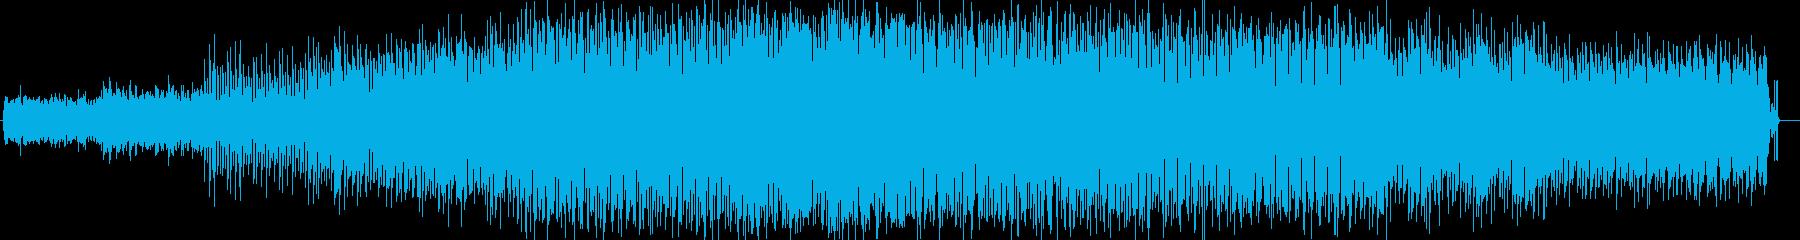 明るいワクワクするシンセのストリングの曲の再生済みの波形